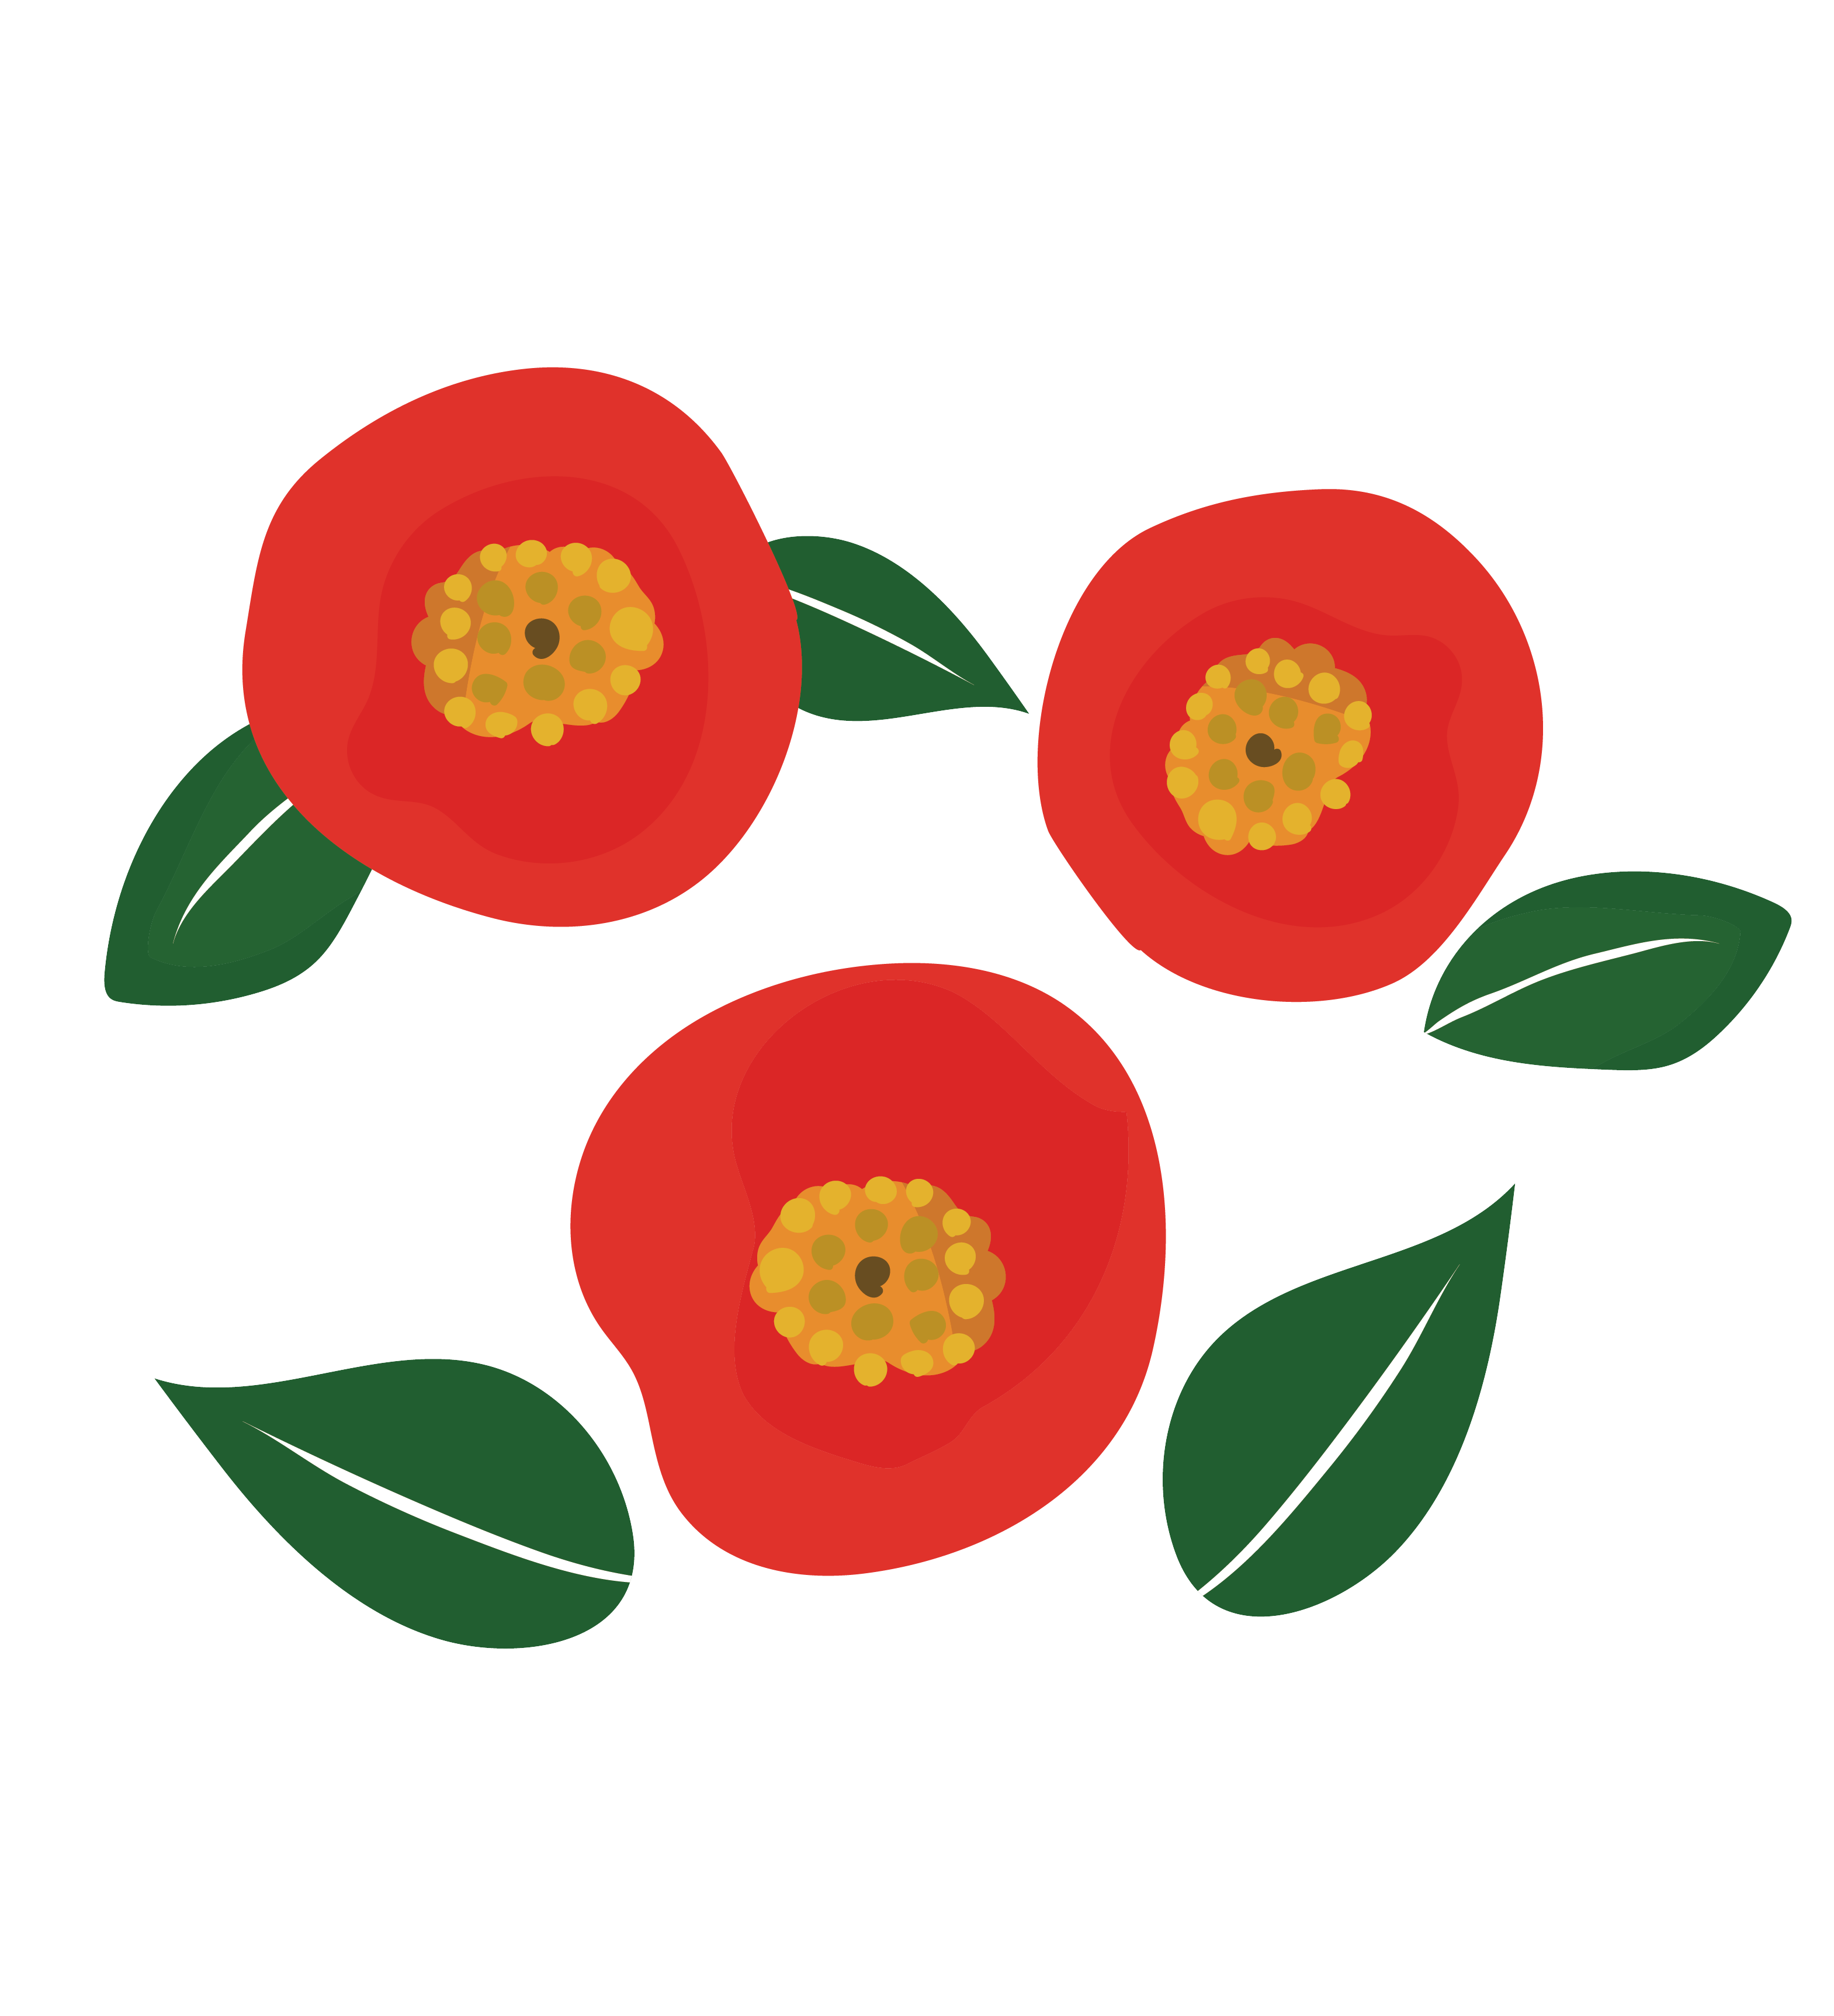 かわいい椿(つばき)のイラスト 【花・年賀状にも!】 | 商用フリー